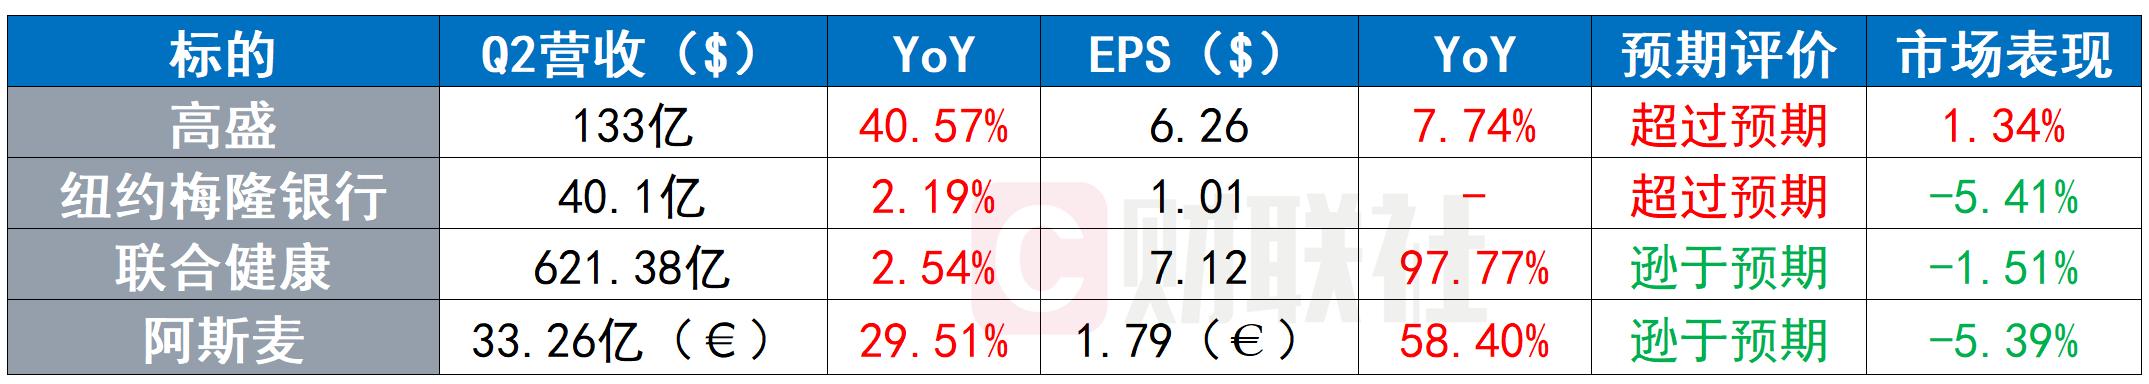 美股收盘:三大股指温和上涨 周期股延续亮眼表现